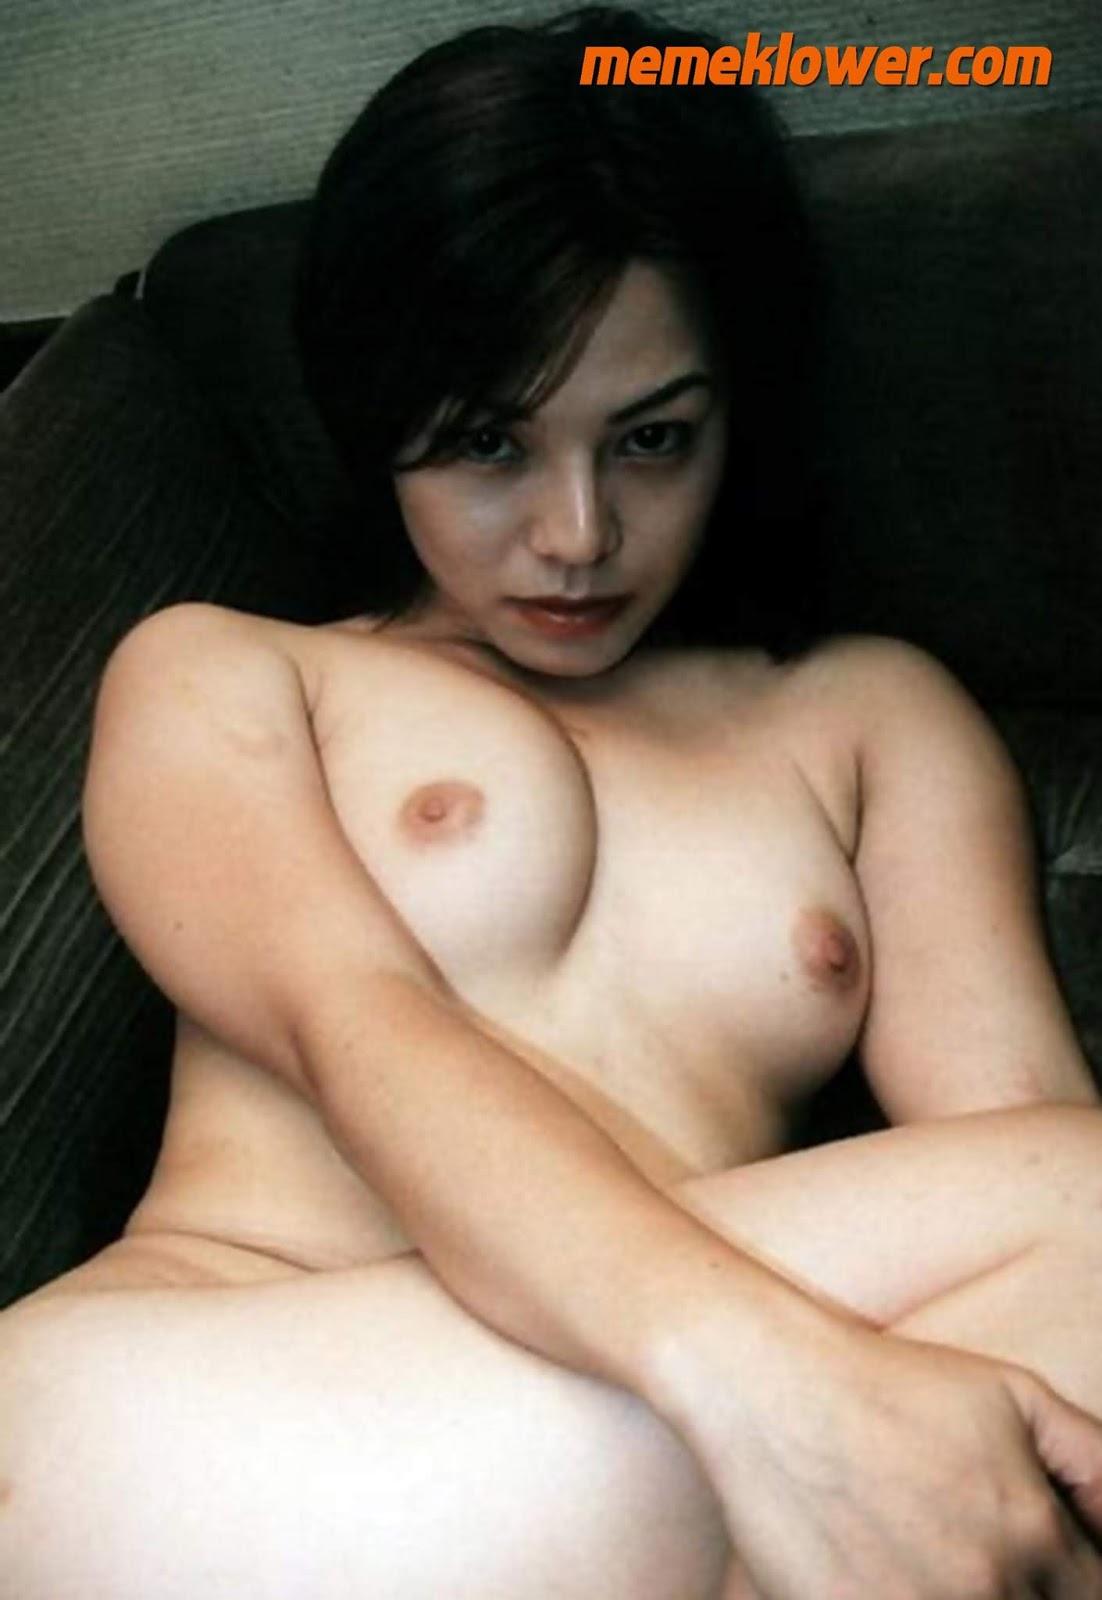 foto-bugil-tante-cantik-putih-mulus-1